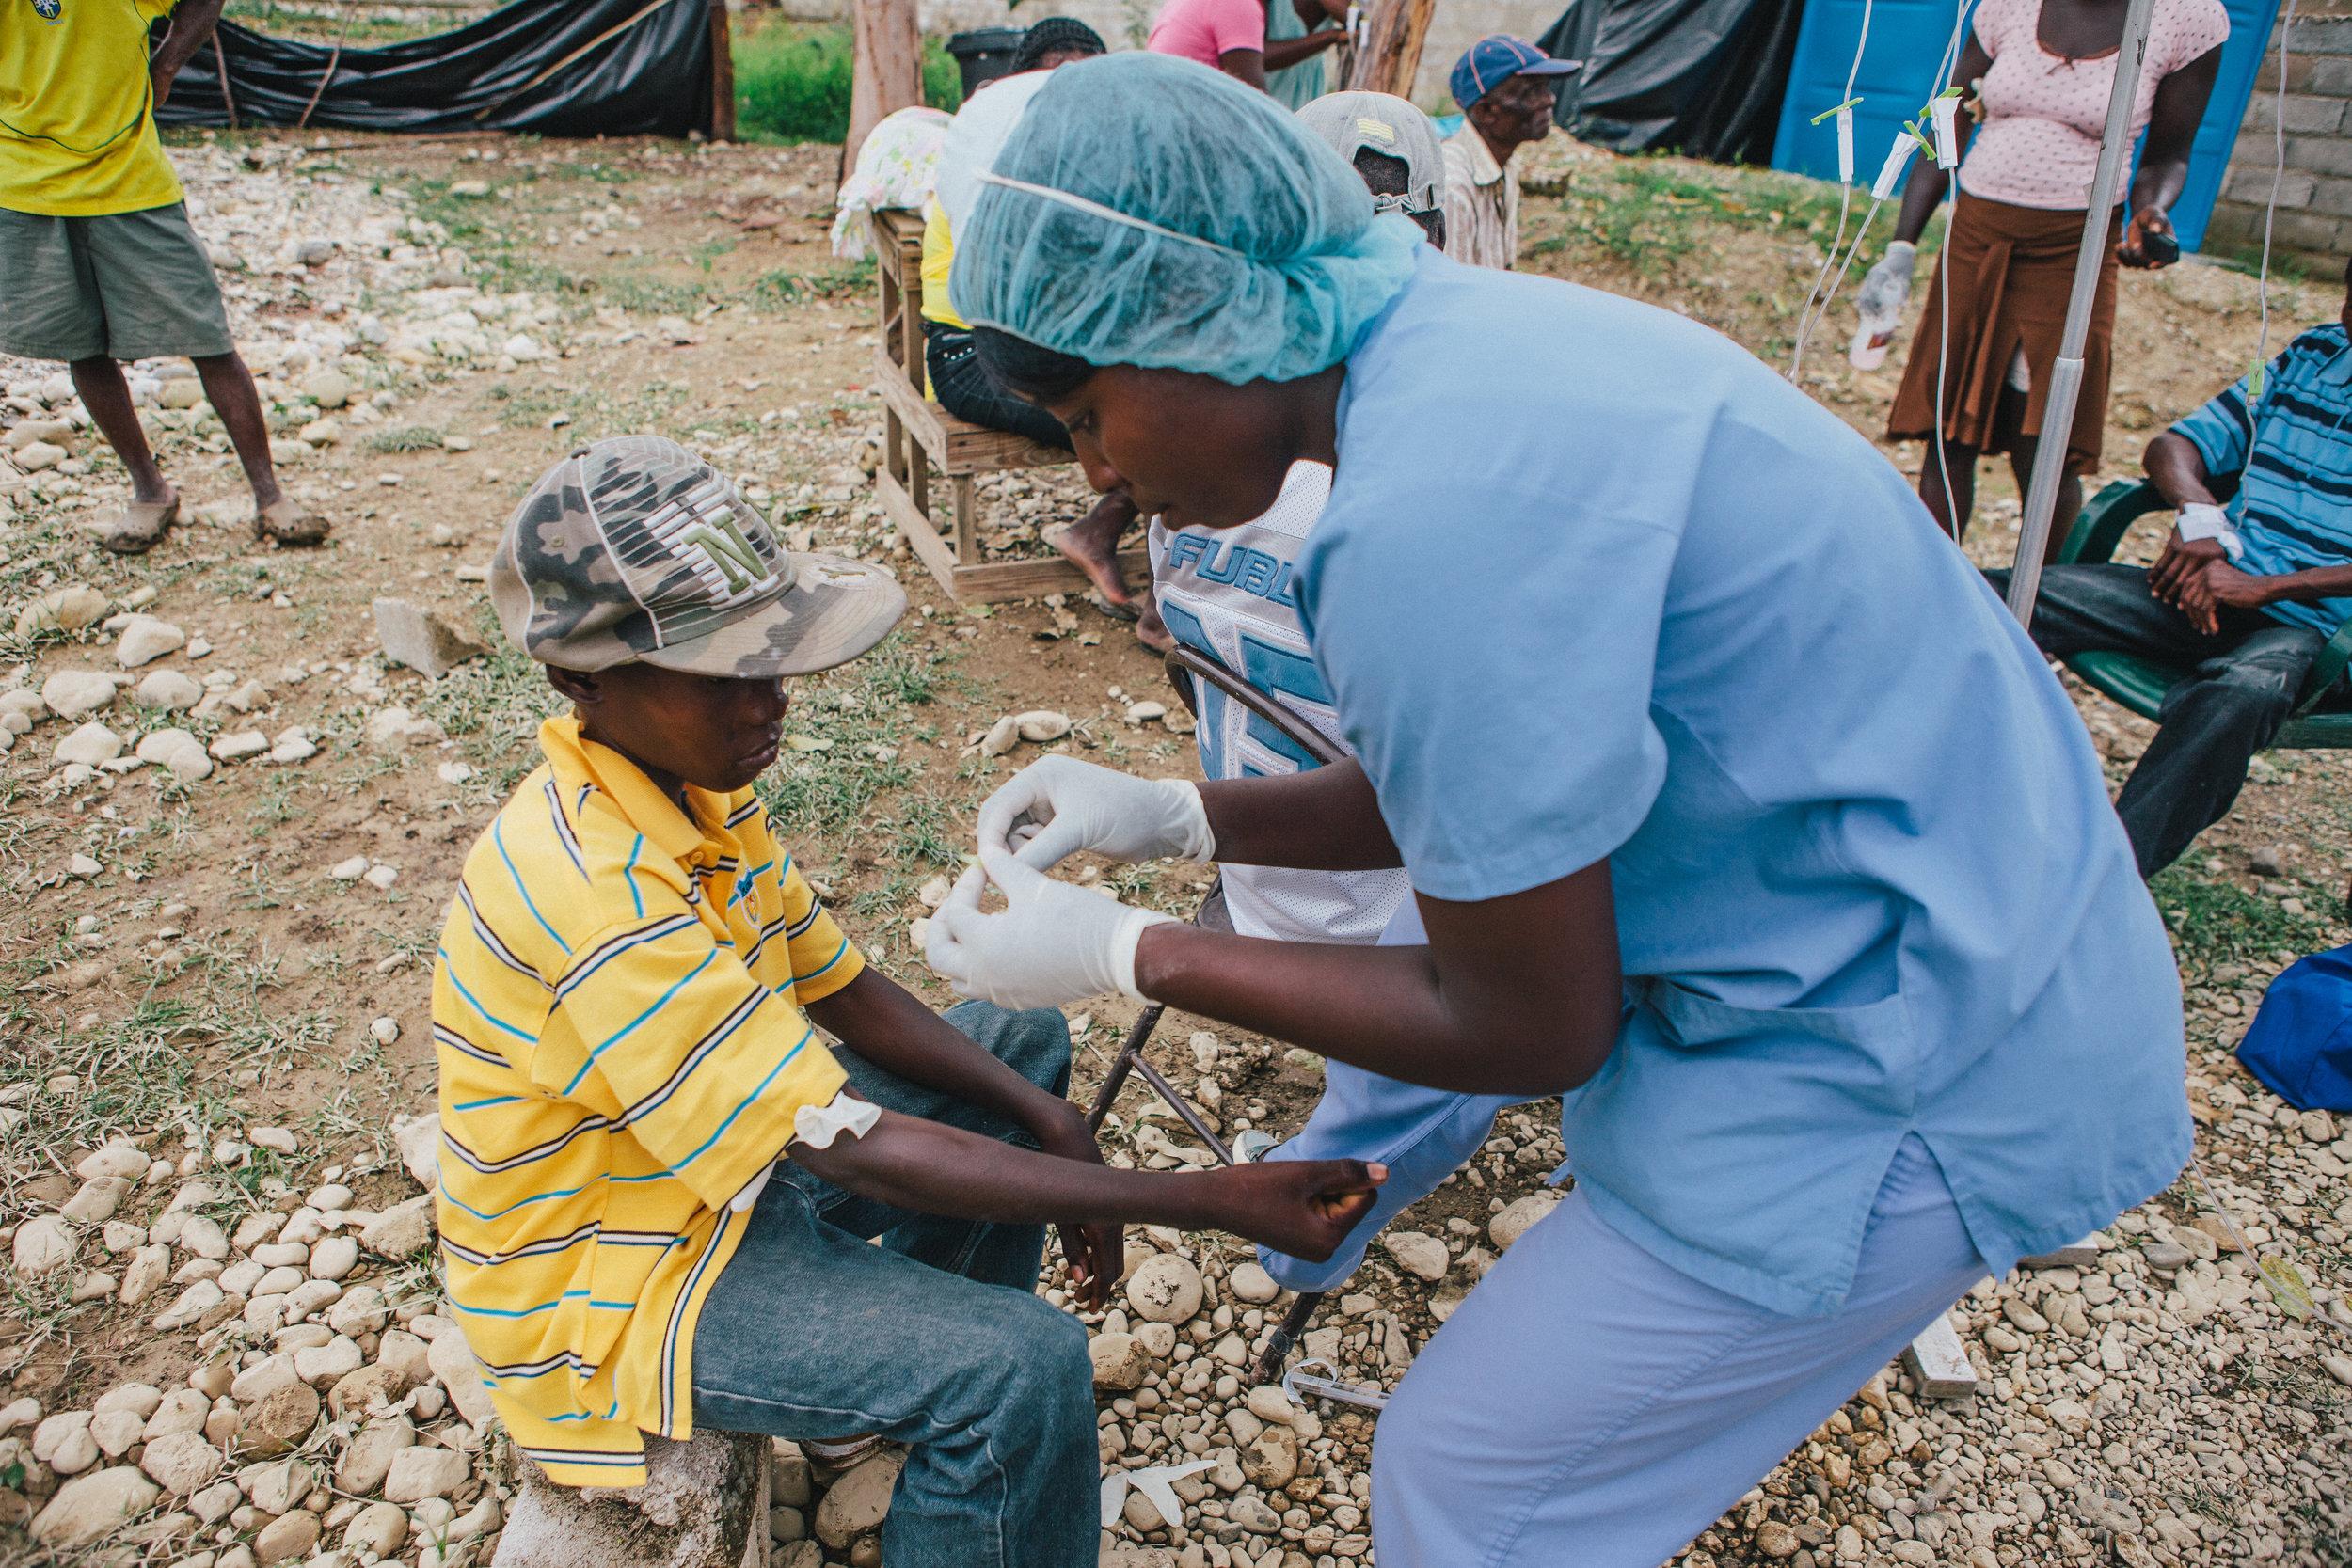 Haiti_Cholera_Healing_Art_Missions_008.jpg